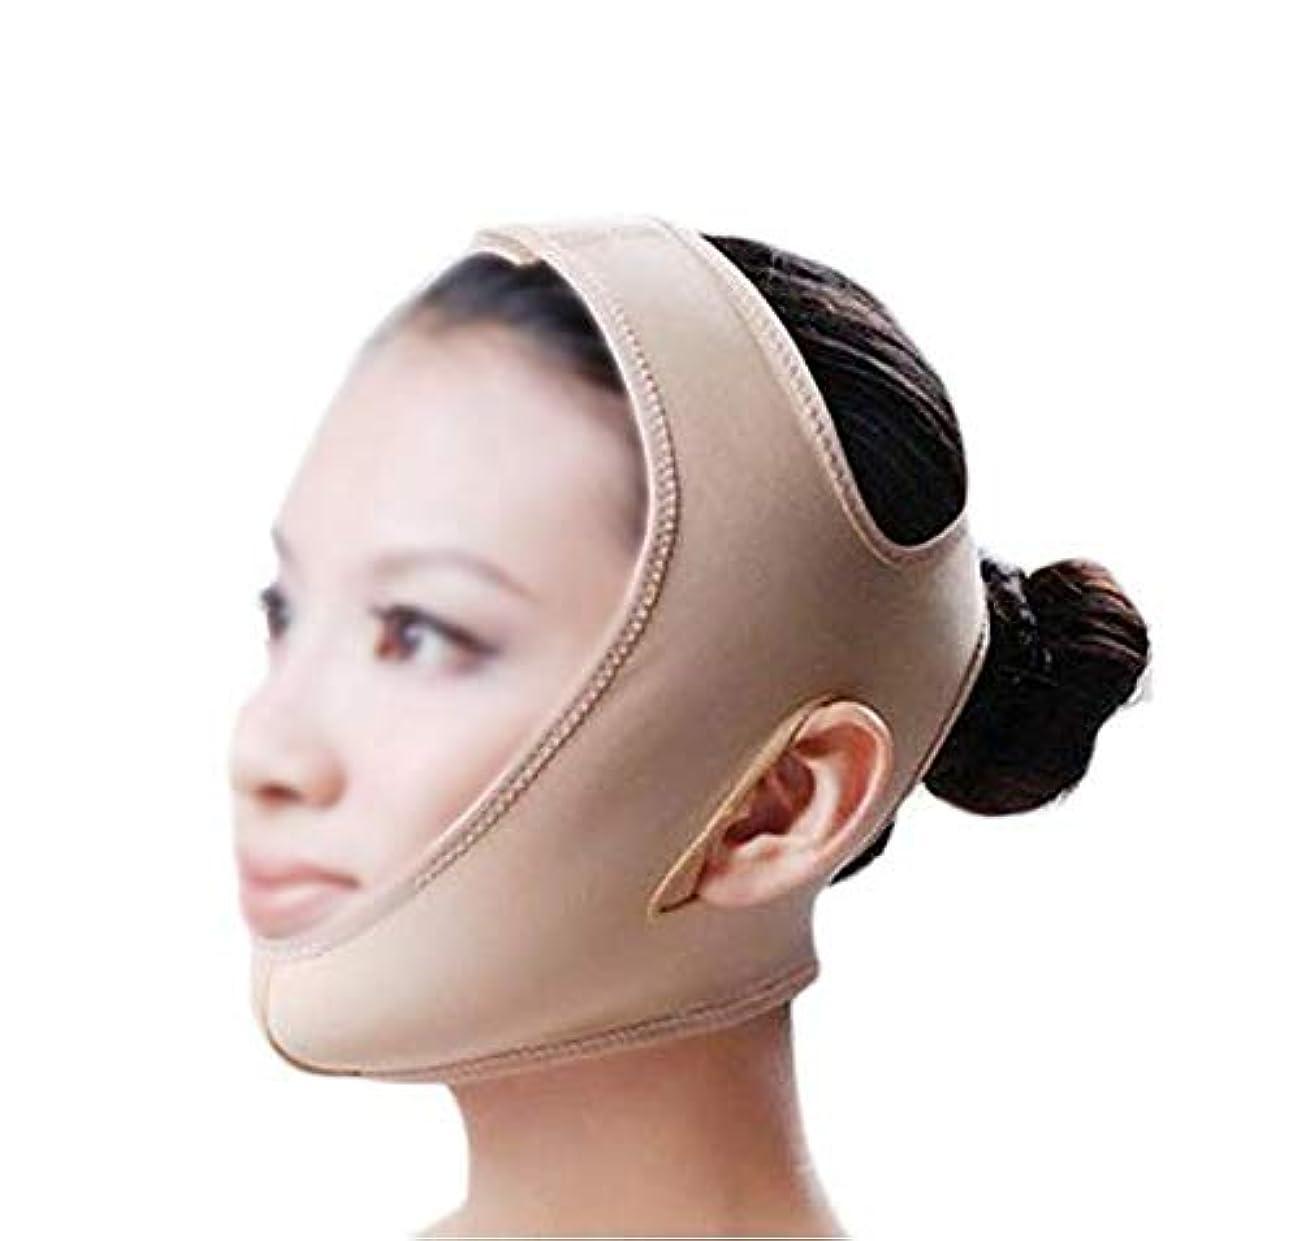 スクラップブック添加遡るGLJJQMY 引き締めマスクマスクフェイシャルマスク美容薬マスク美容V顔包帯ライン彫刻引き締めしっかりした二重あごマスク 顔用整形マスク (Size : M)